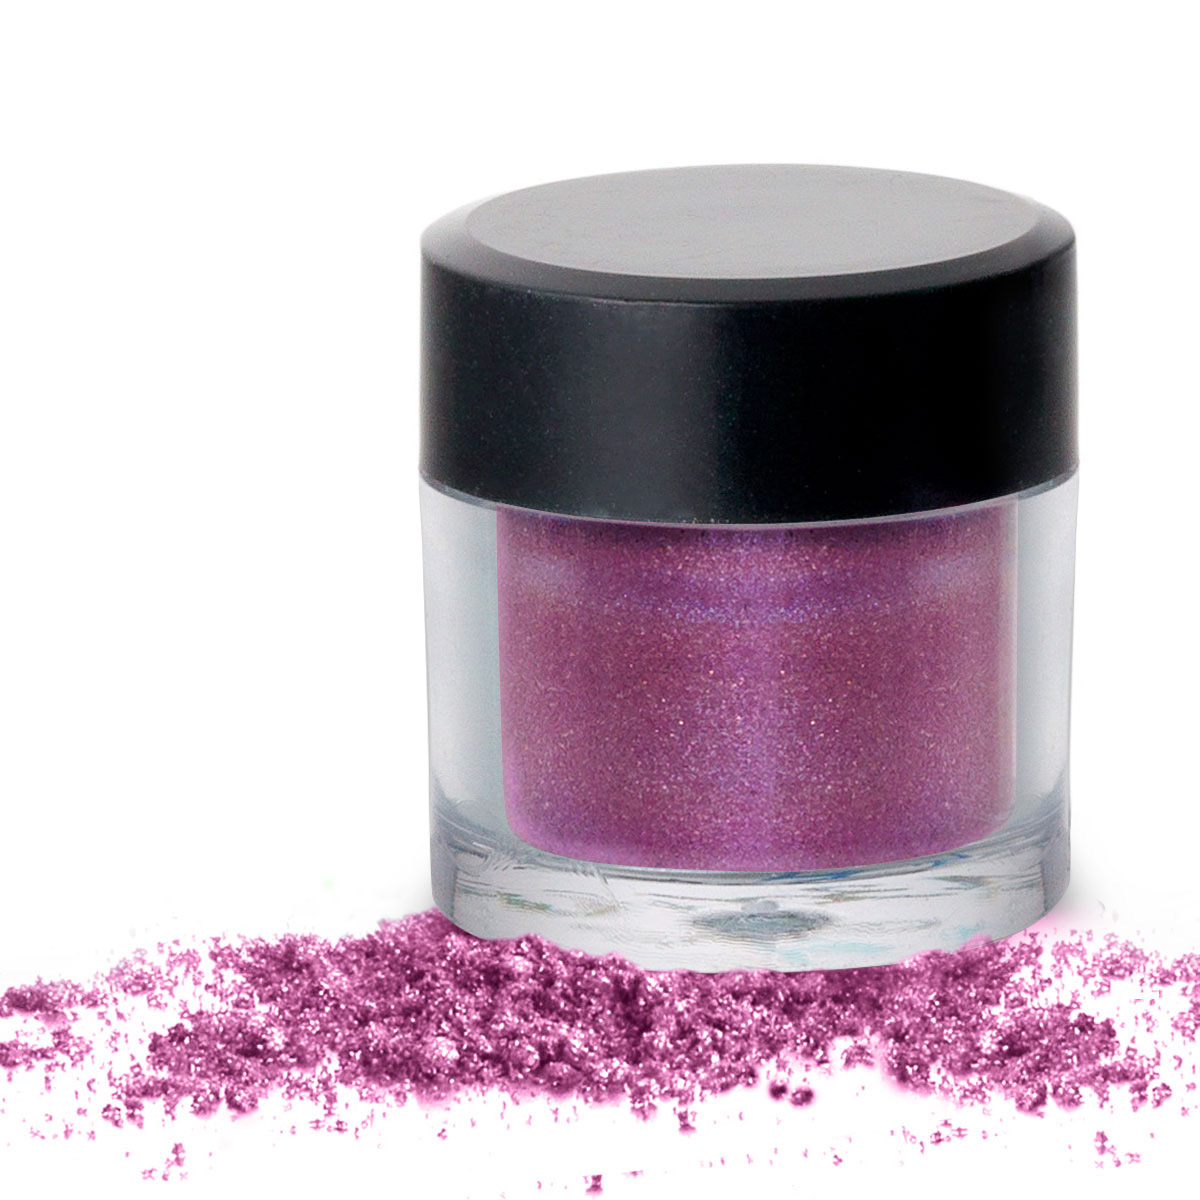 Fard de pleoape cu acid hialuronic si pulbere de perle de apa dulce, lila - My color